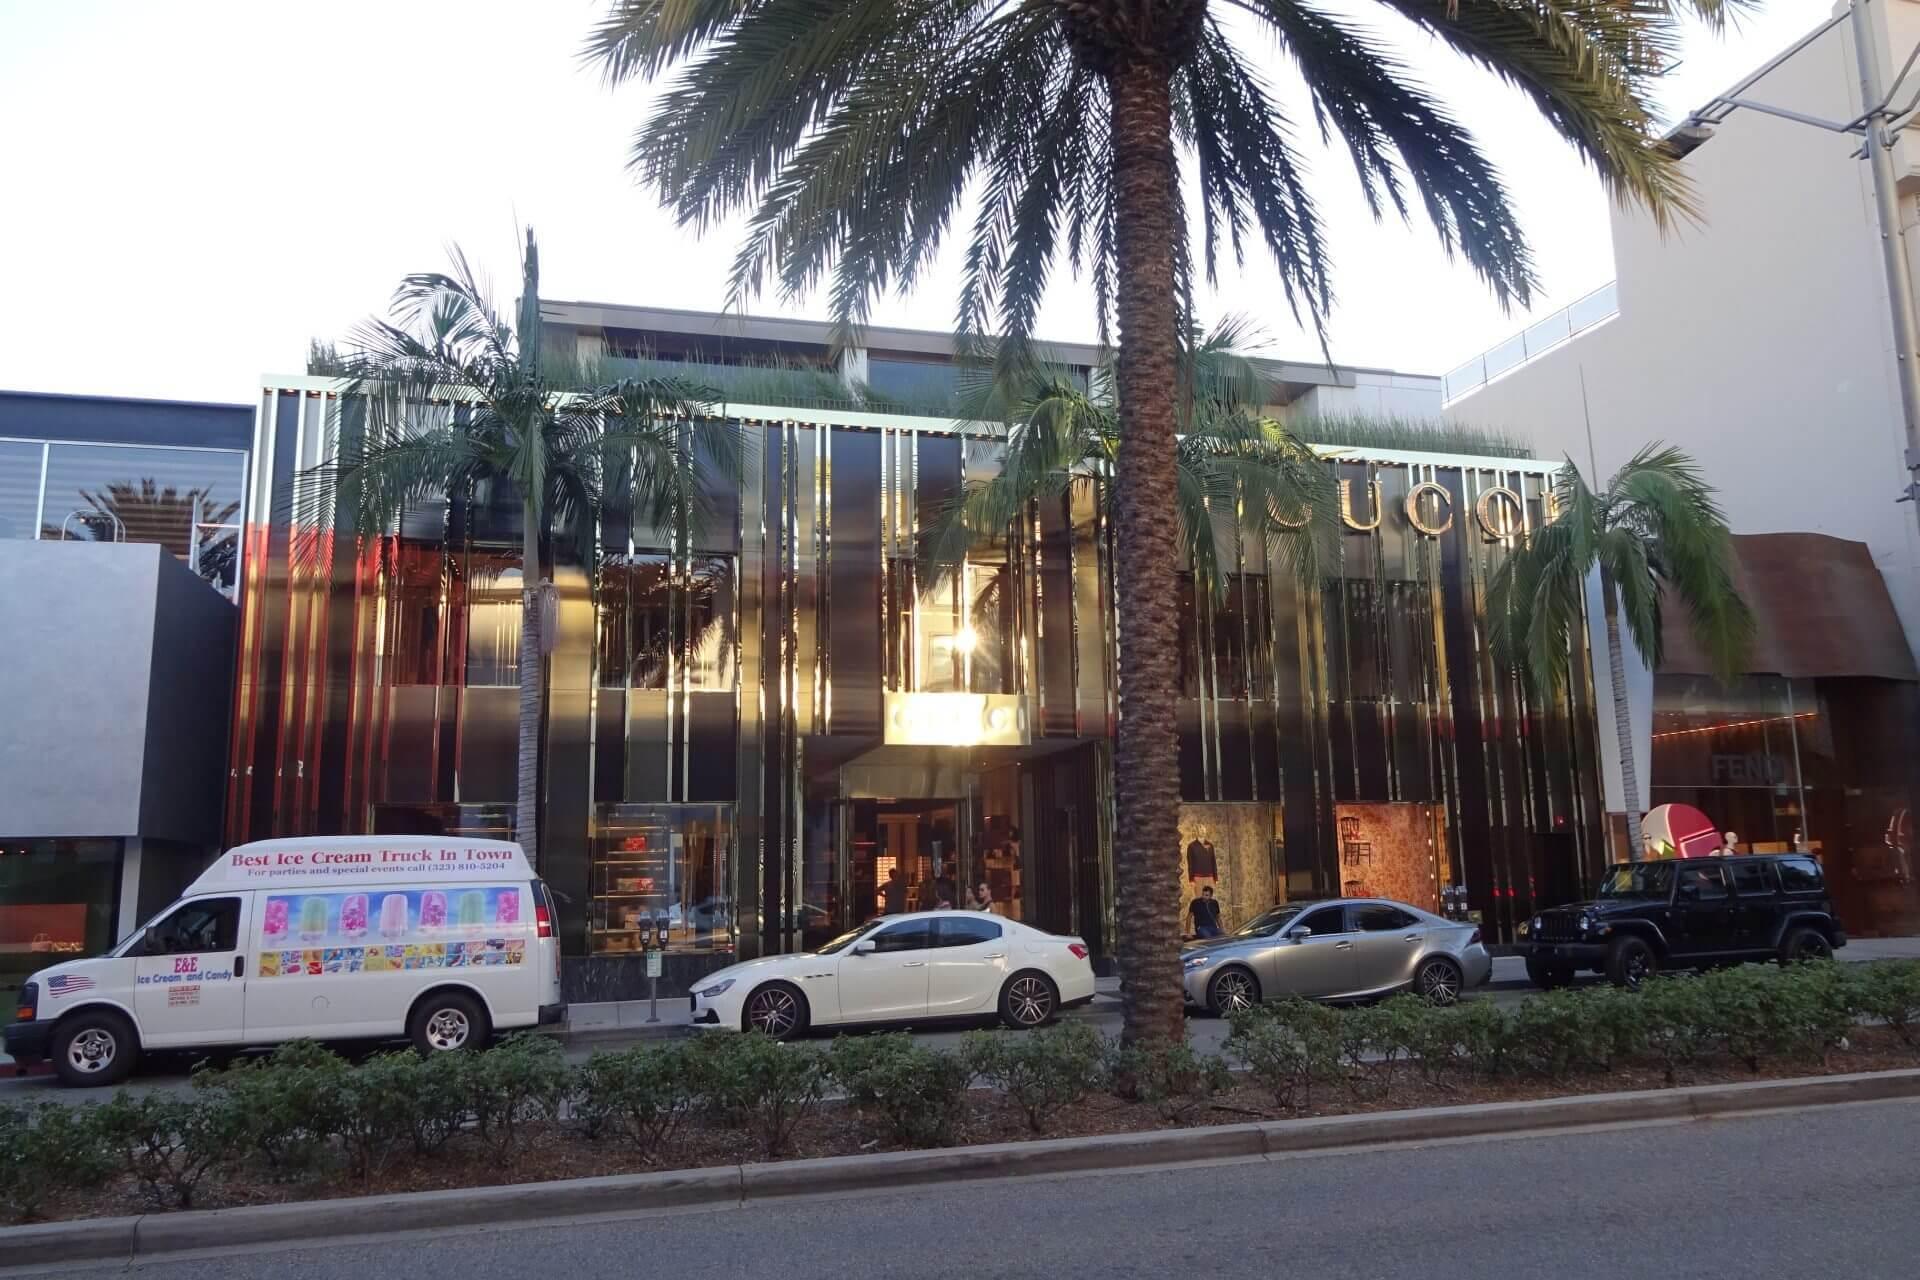 Rodeo Drive. Beverly Hills. Bilder und Eindrücke aus Los Angeles und Hollywood, Kalifornien, USA.